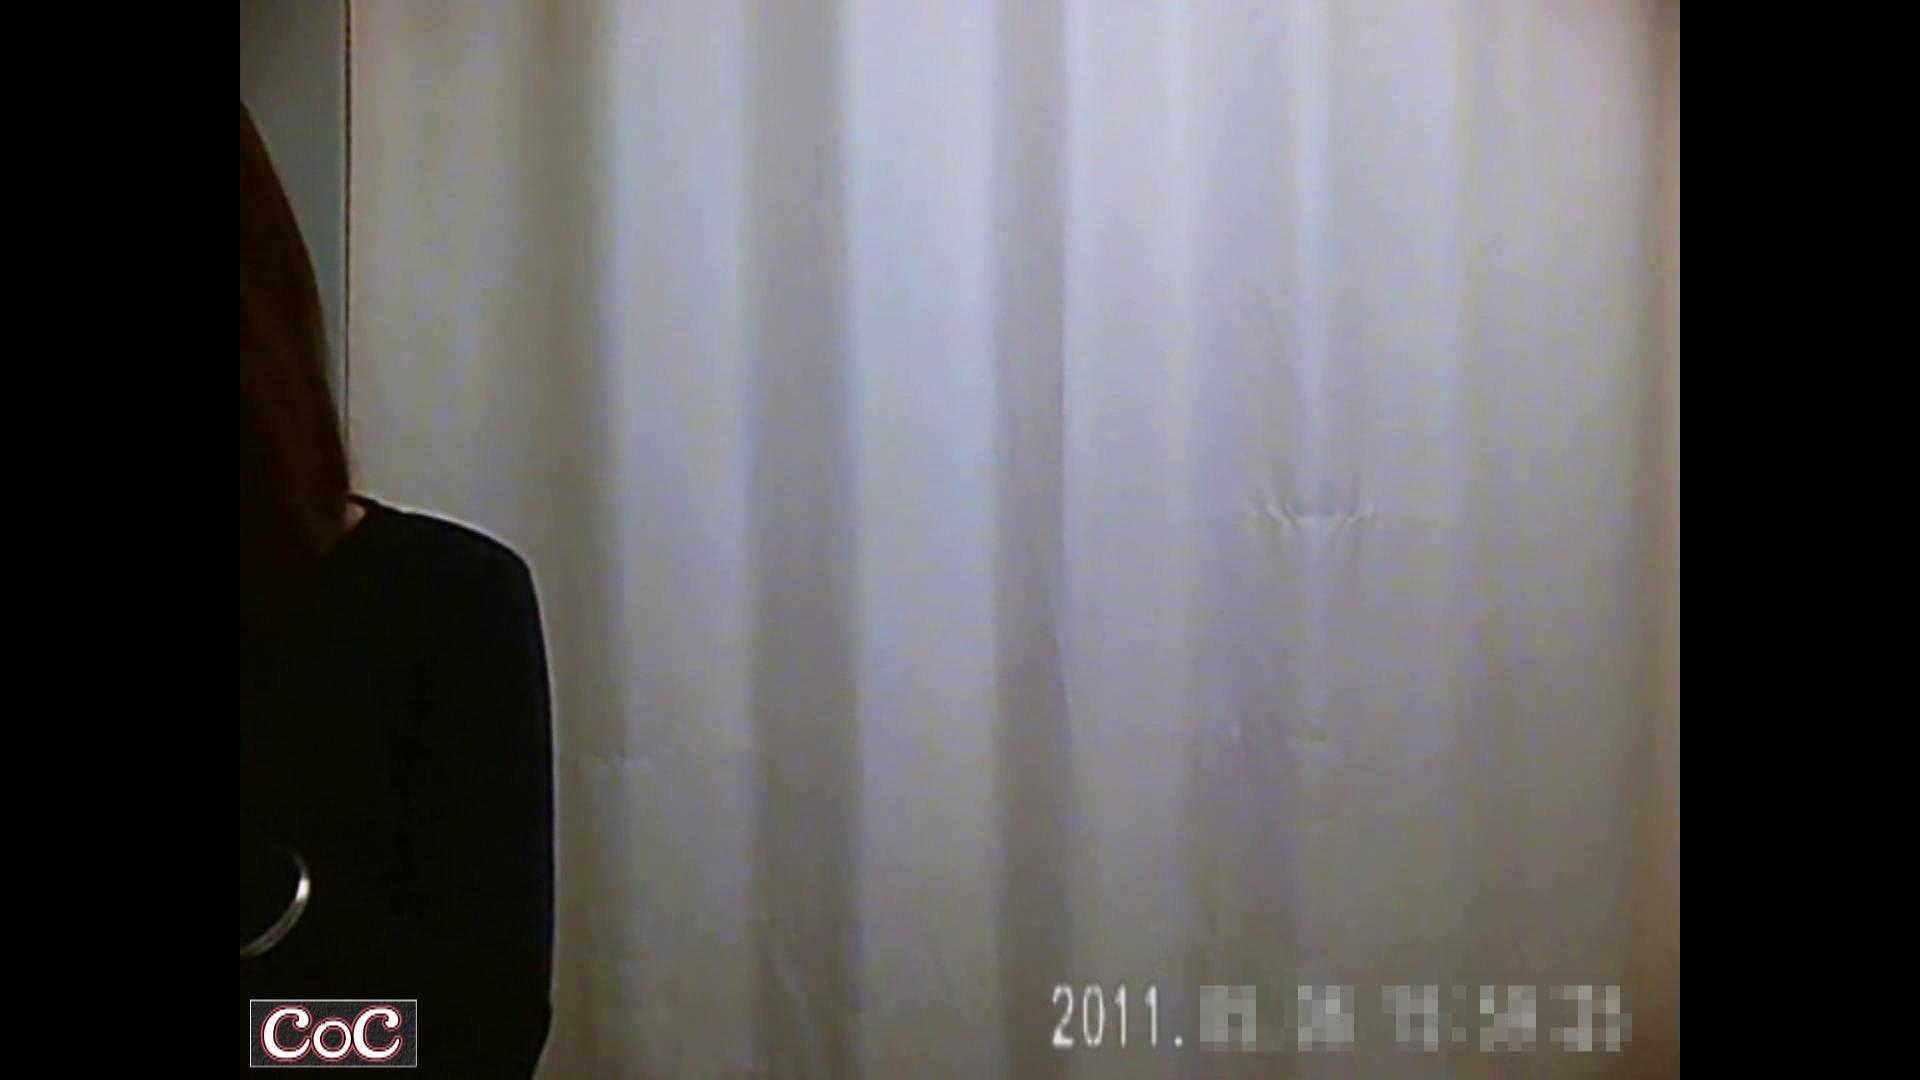 トイレ盗撮|元医者による反抗 更衣室地獄絵巻 vol.167|怪盗ジョーカー